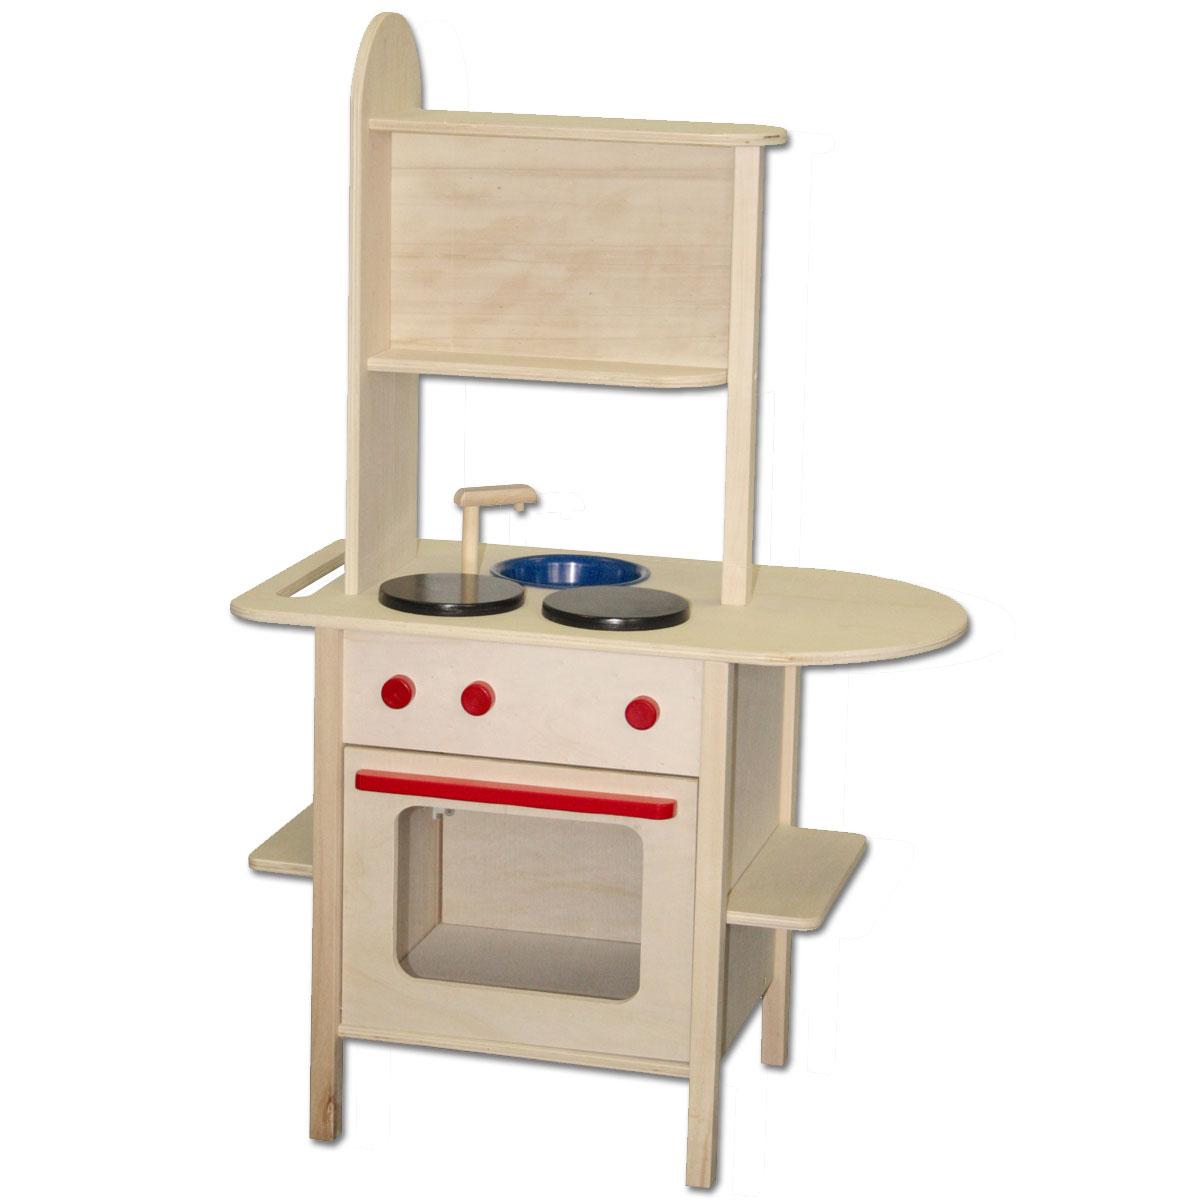 KinderkUche Holz Von Beiden Seiten Bespielbar ~ ROBA Spielküche Kinderküche Holz natur unbehandelt Holzspielküche